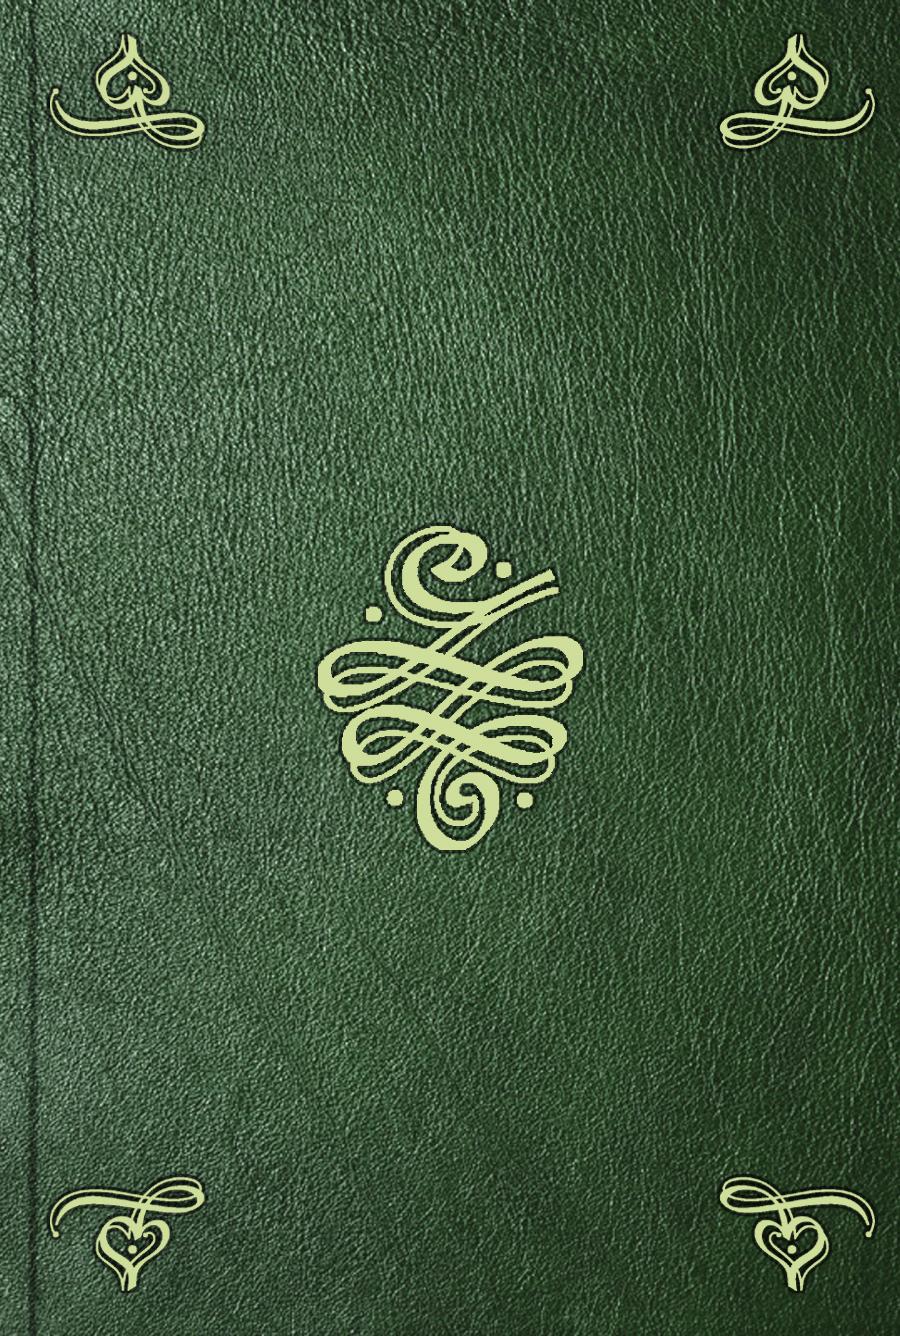 цена Dénis Diderot Dictionnaire encyclopedique. T. 6